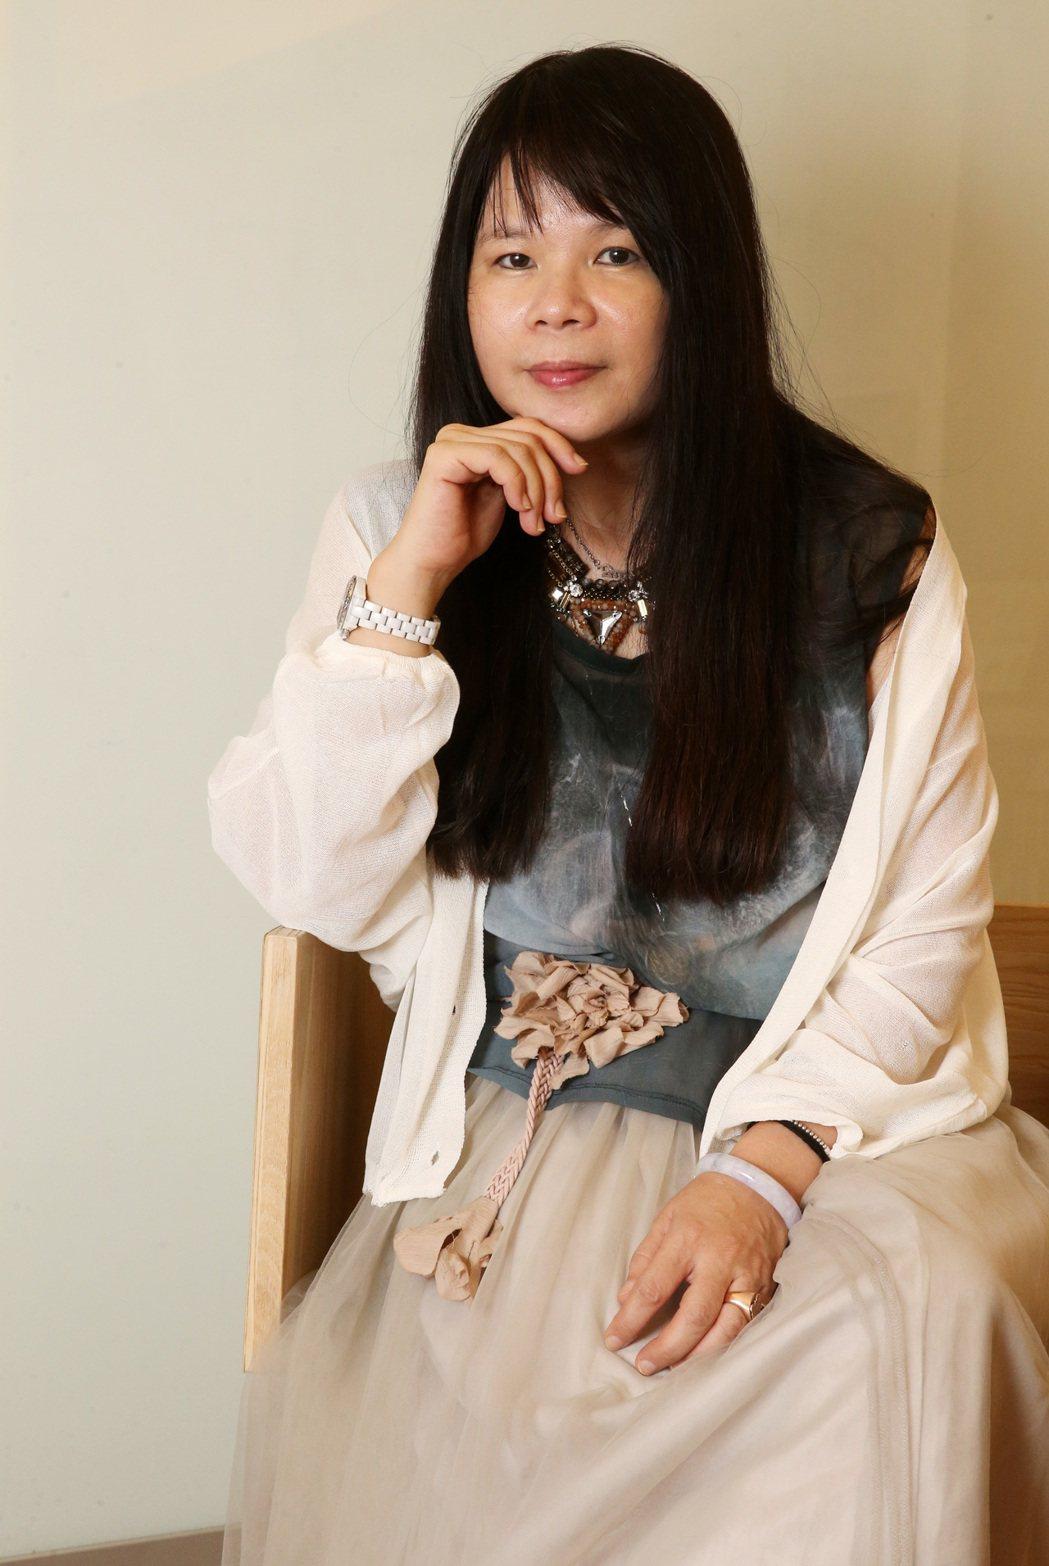 作家鍾文音說,母親中風倒下後,每次出門都是告別。記者胡經周/攝影